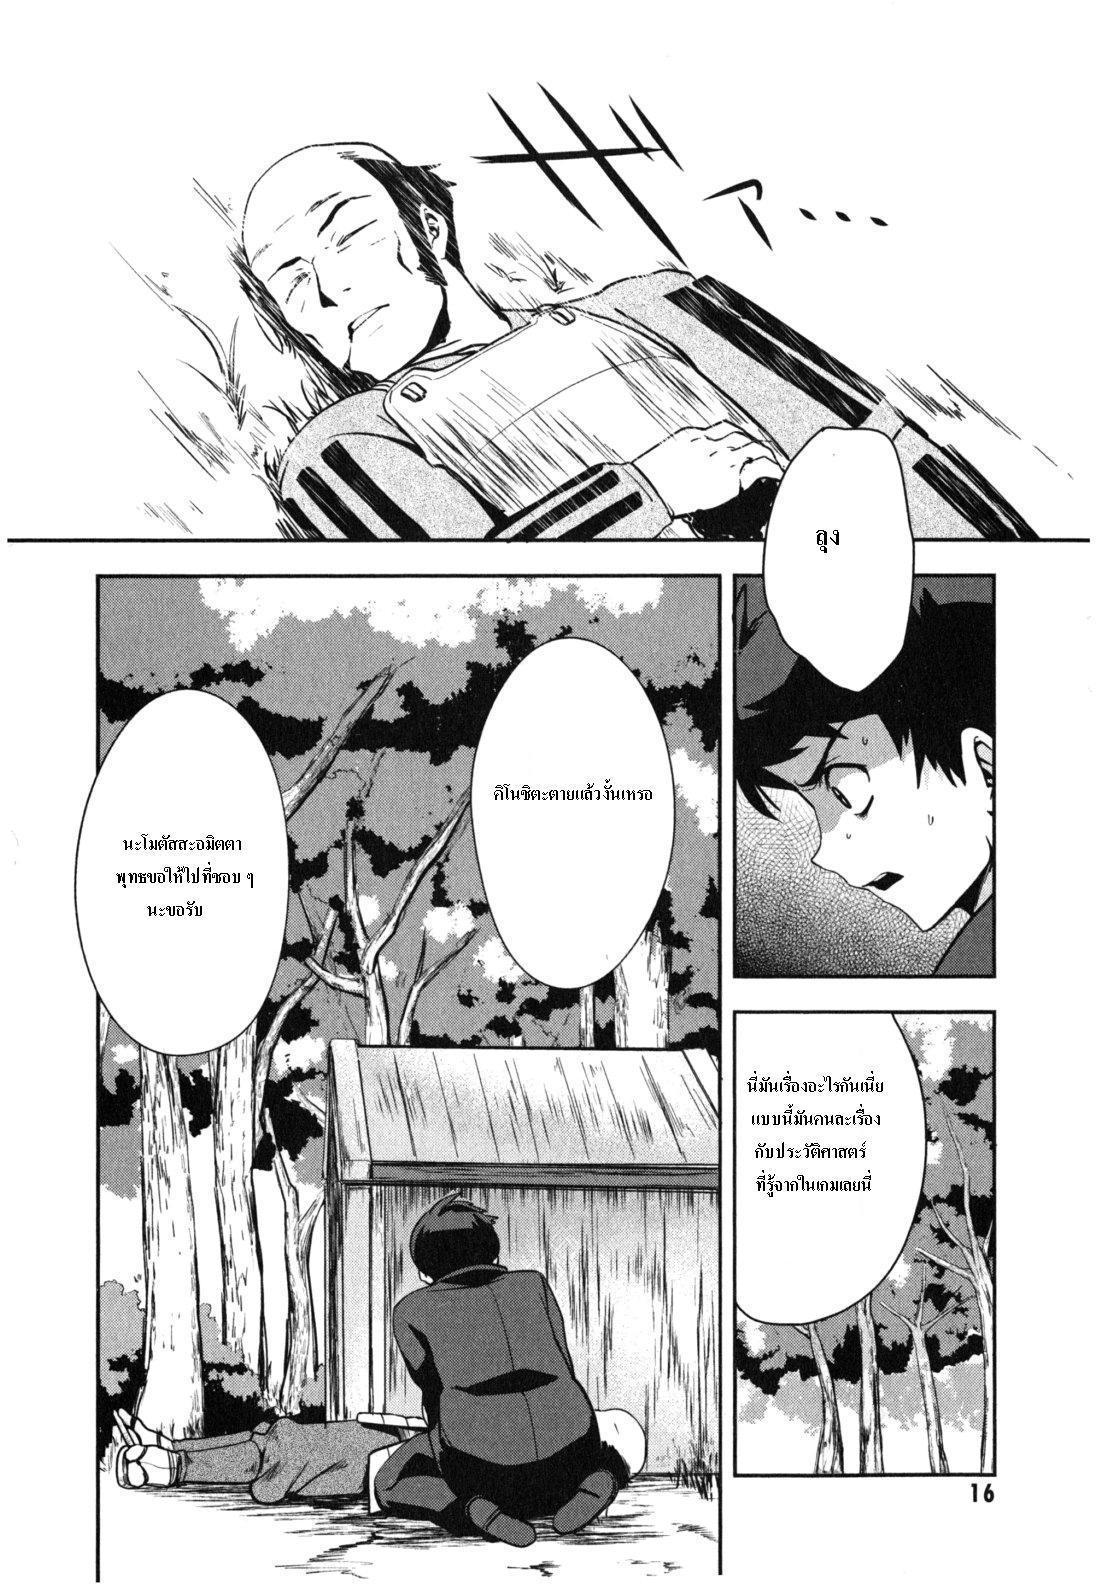 อ่านการ์ตูน Oda nobuna no yabou 1.1 ภาพที่ 14